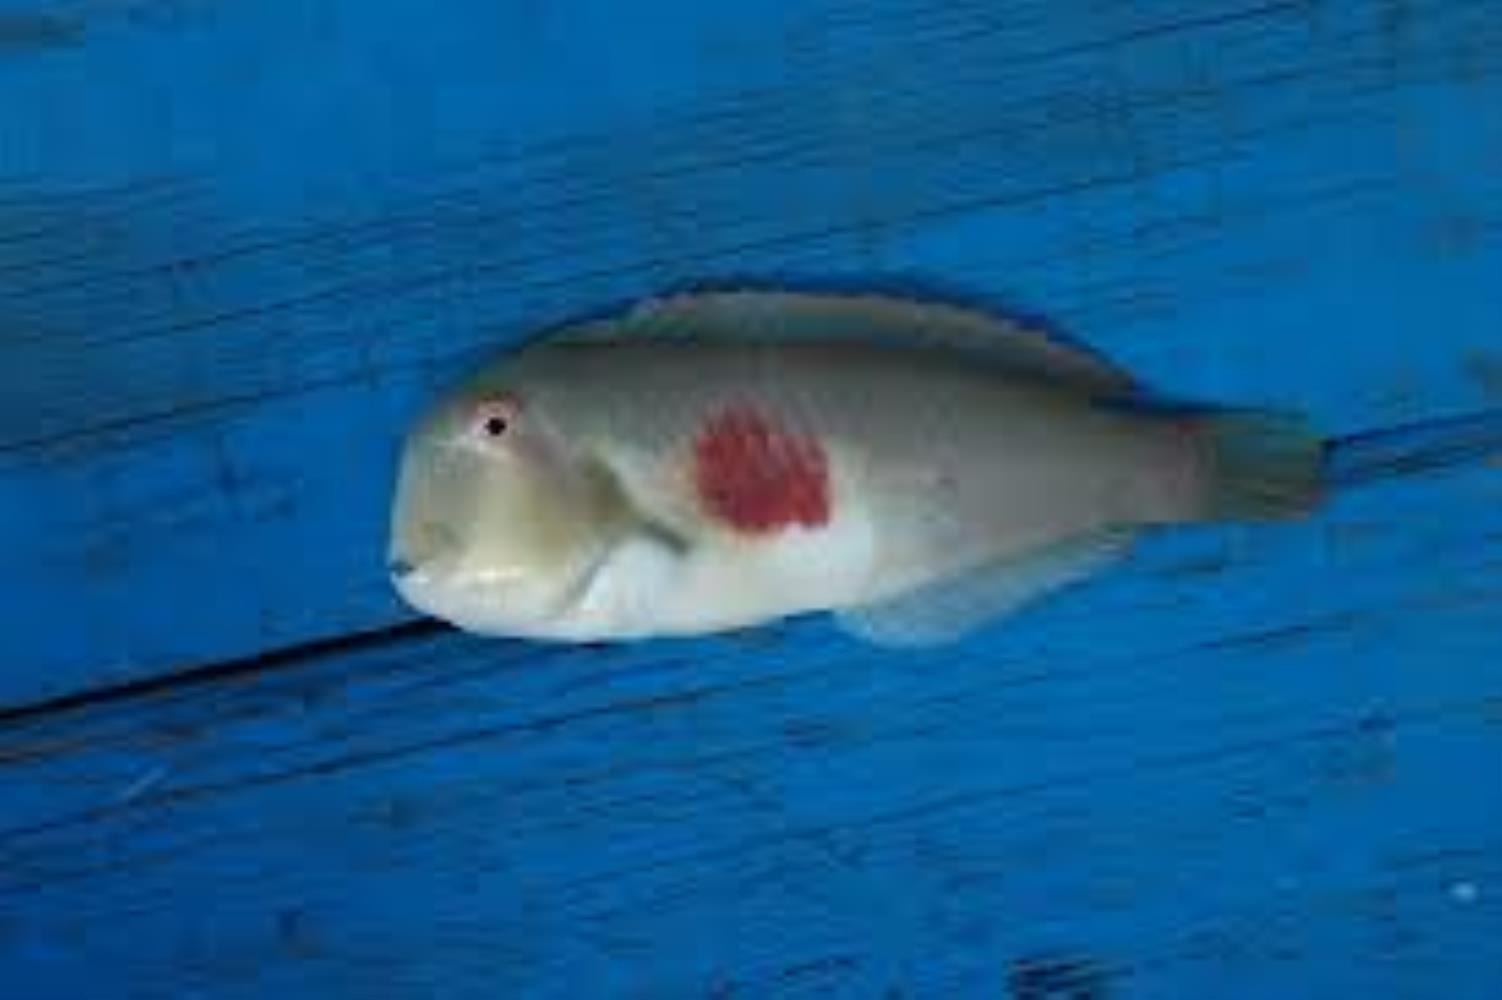 Redblotch Razorfish